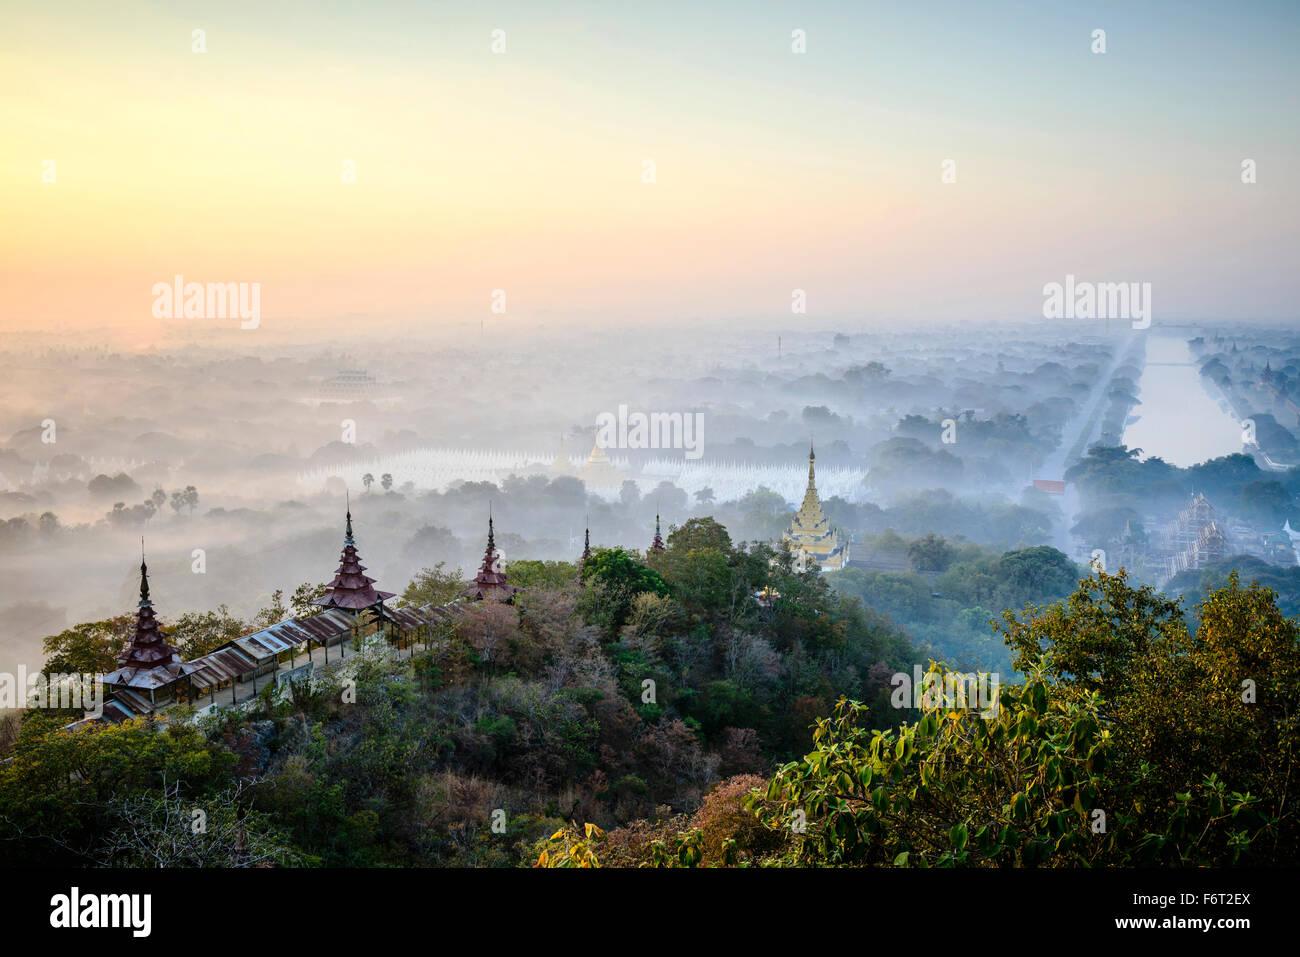 Vue aérienne de tours dans le paysage brumeux Photo Stock